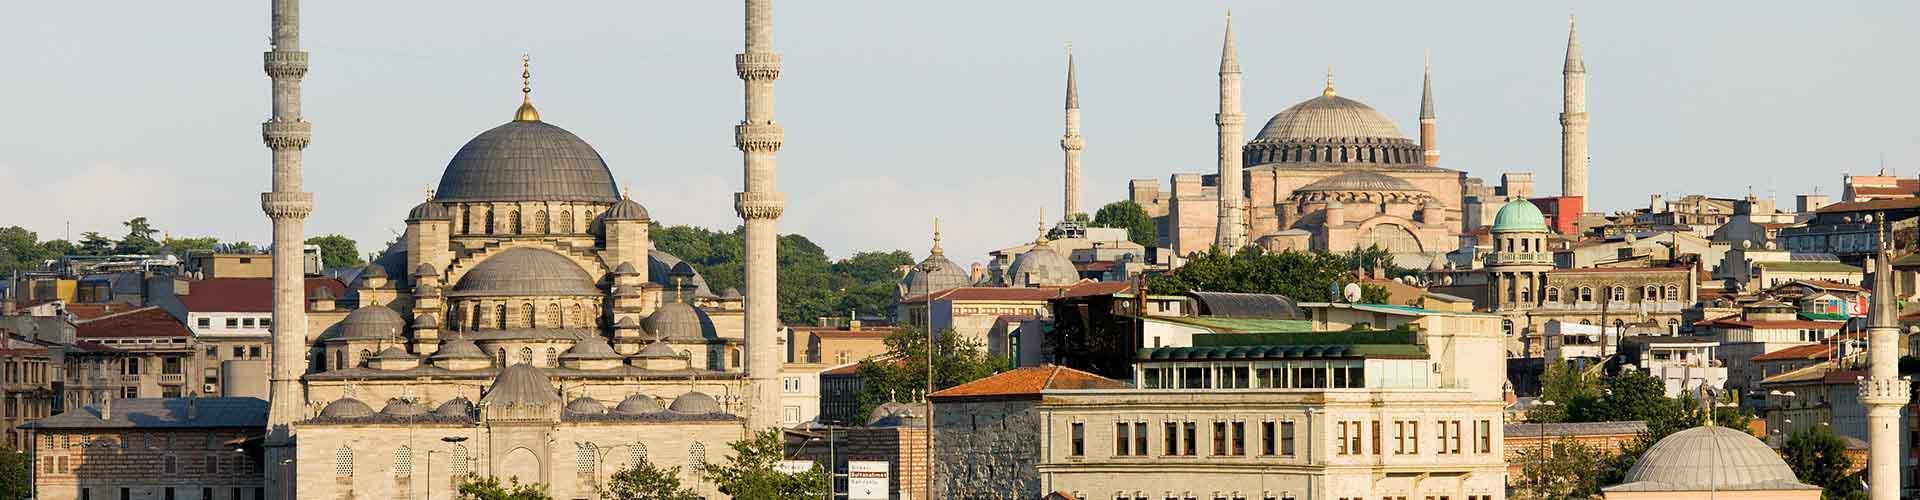 Istambul – Apartamentos próximos de Aeroporto Internacional Atatürk, Mapas para Istambul, Fotos e Avaliações para cada Apartamento em Istambul.